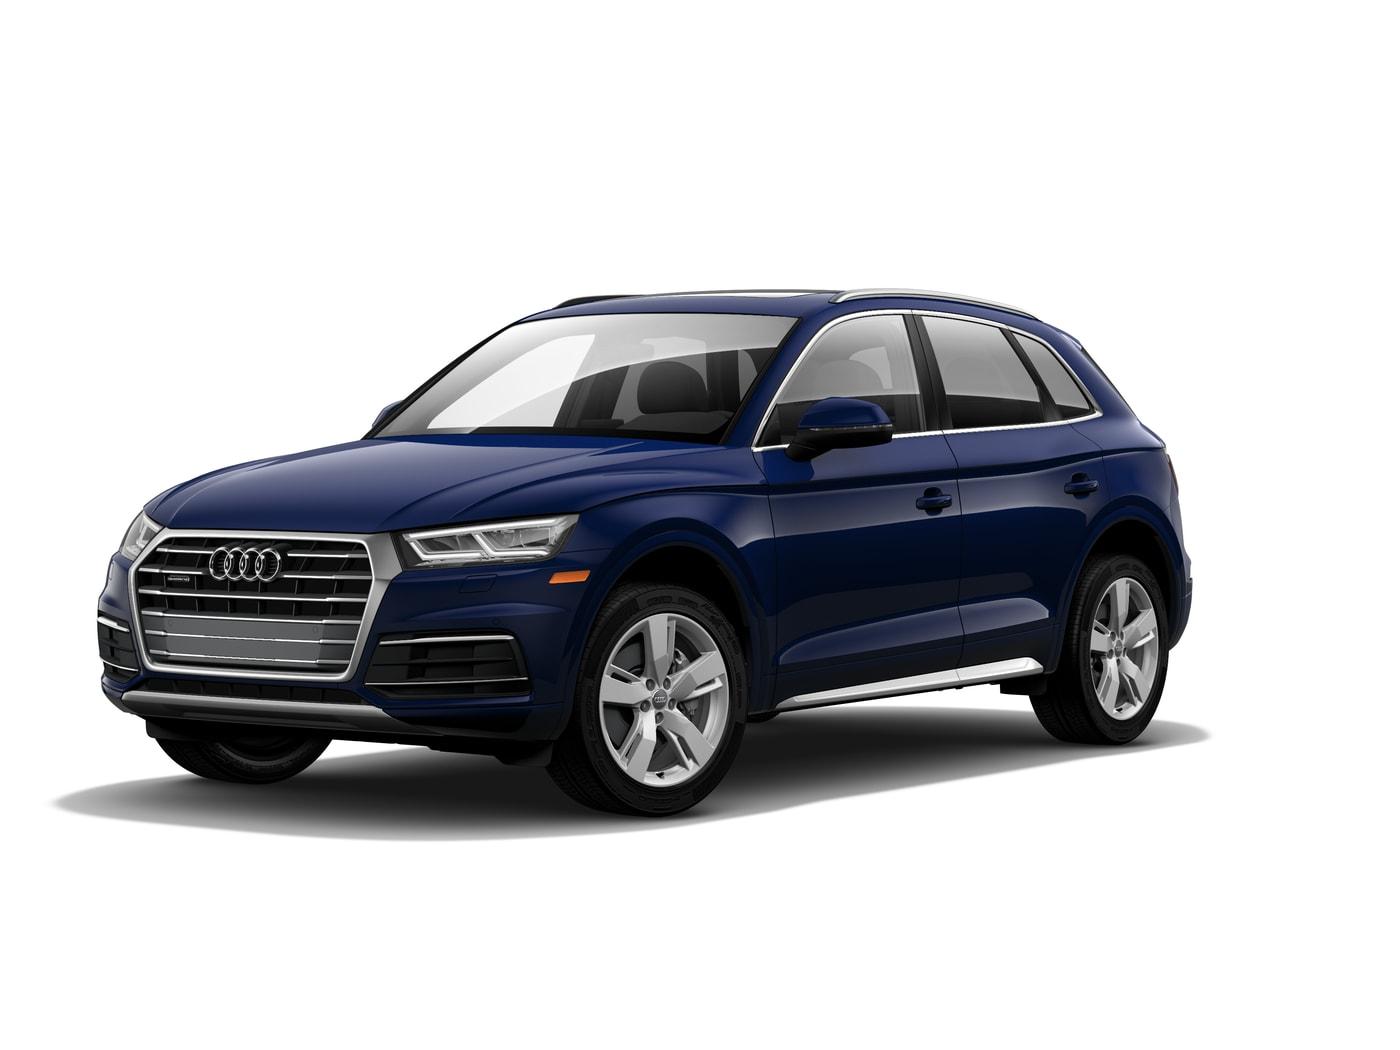 2018 Audi Q5 Premium Plus Sport Utility Vehicle